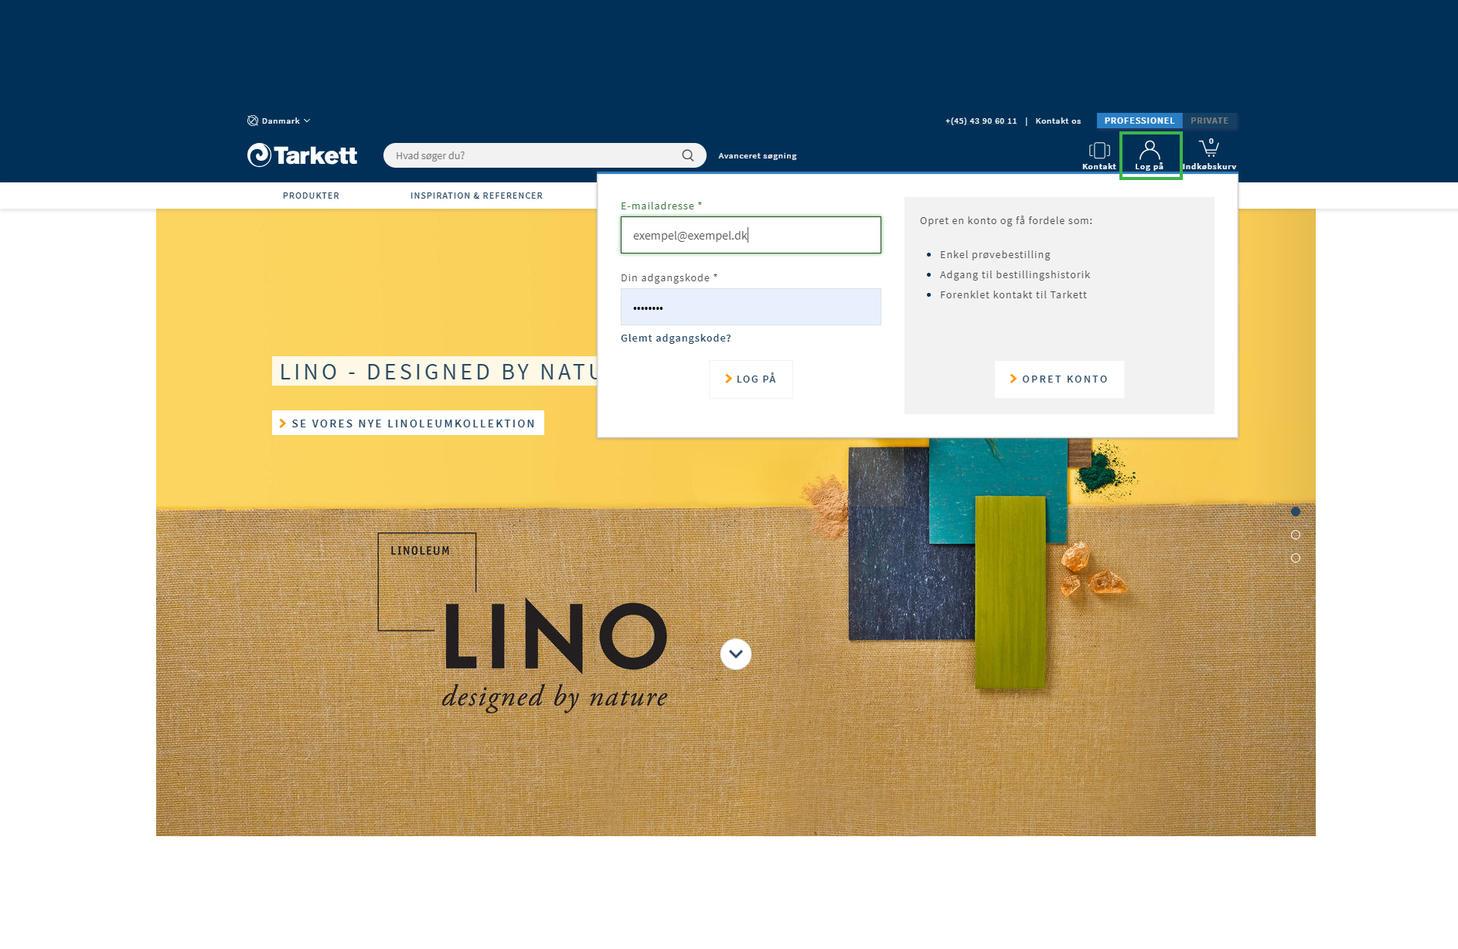 Printscreen fra Tarketts web, hvordan man får adgang til prislisten